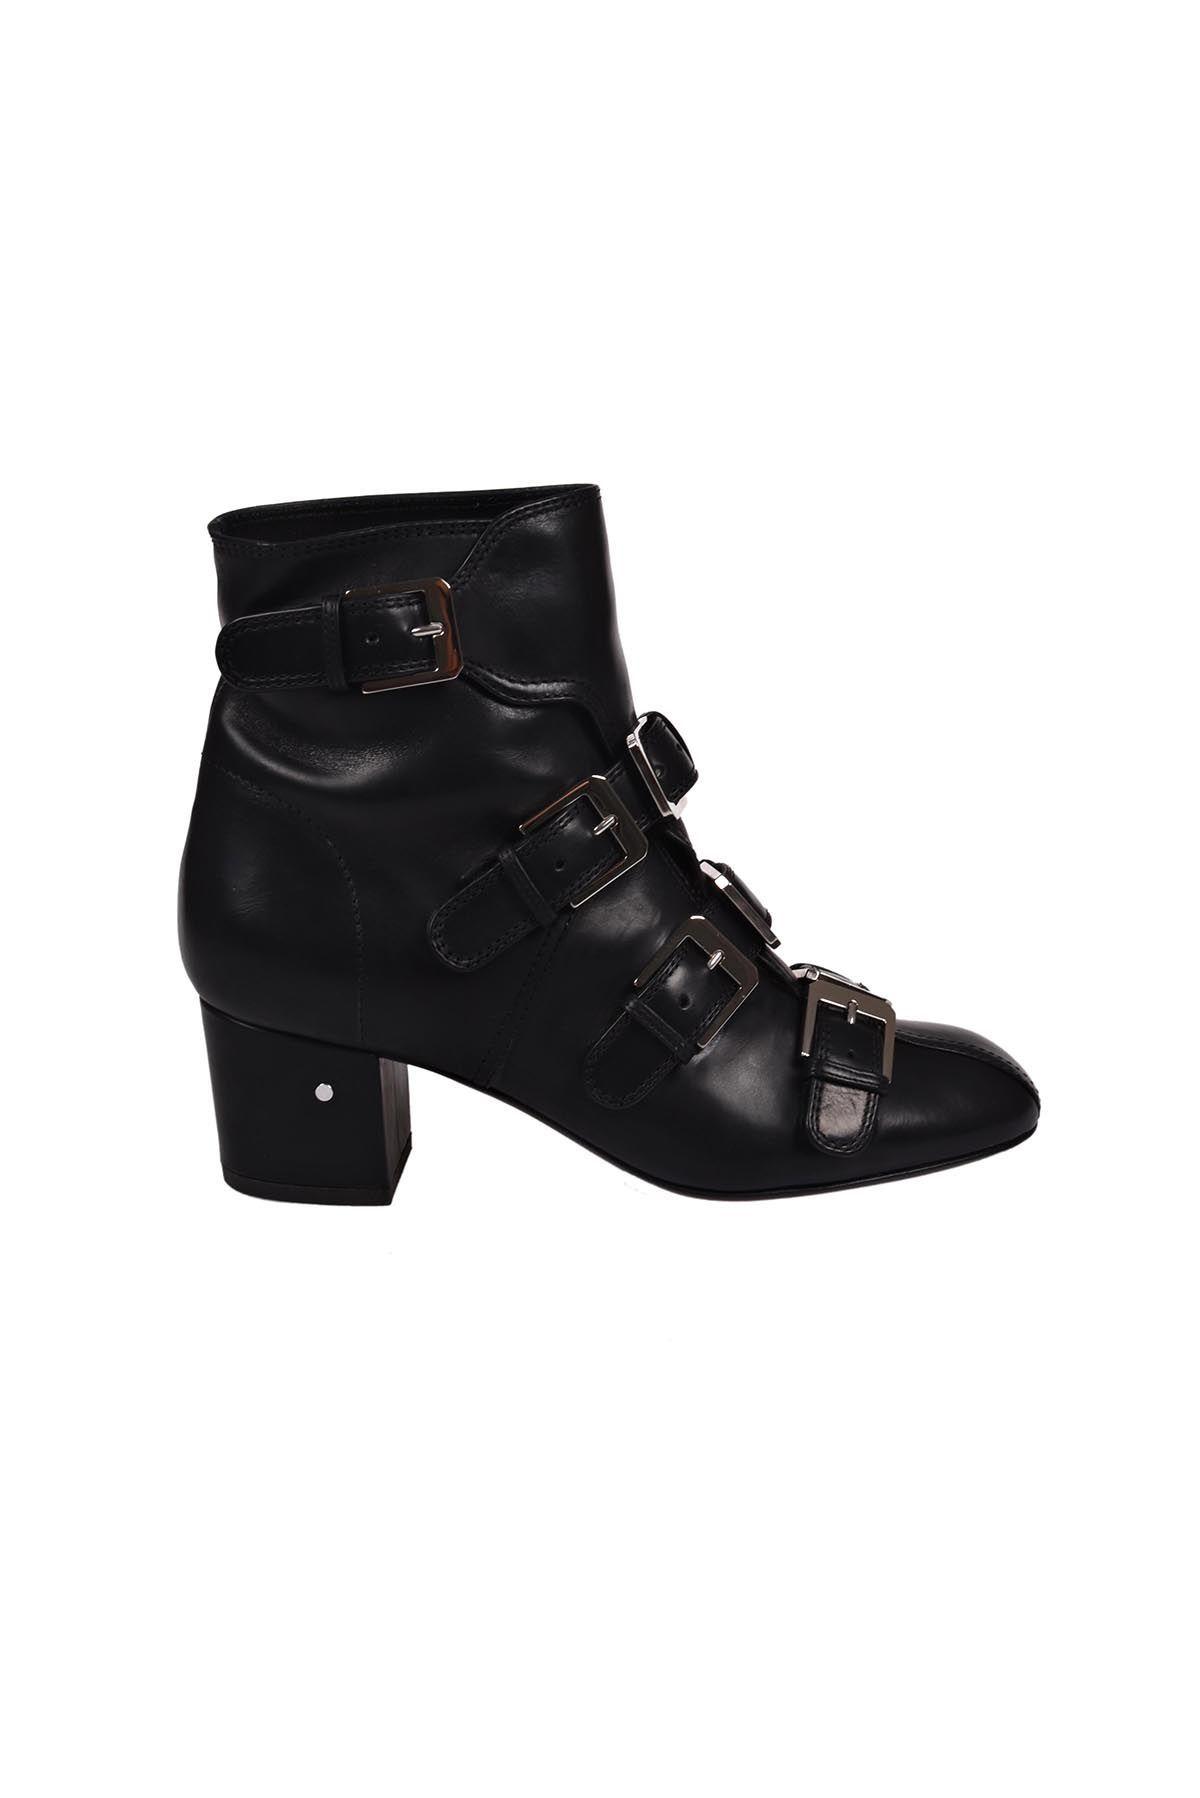 FOOTWEAR - Ankle boots Laurence Dacade K9niP